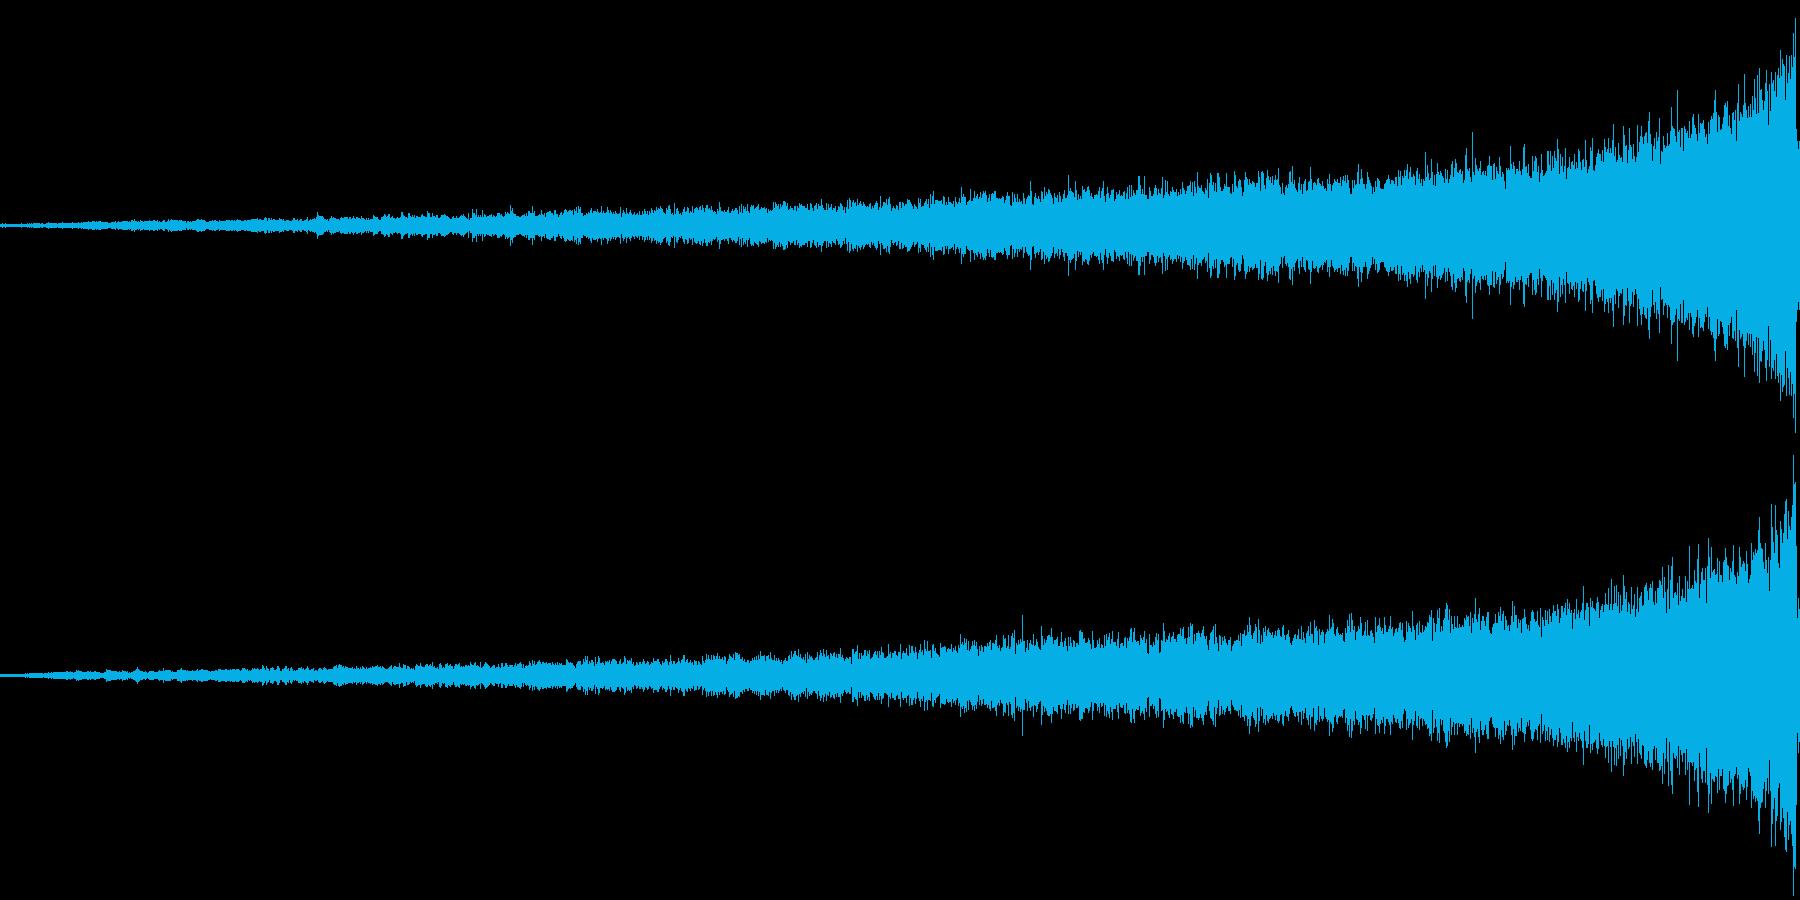 【映画演出】迫る危機感_ライザー_03の再生済みの波形